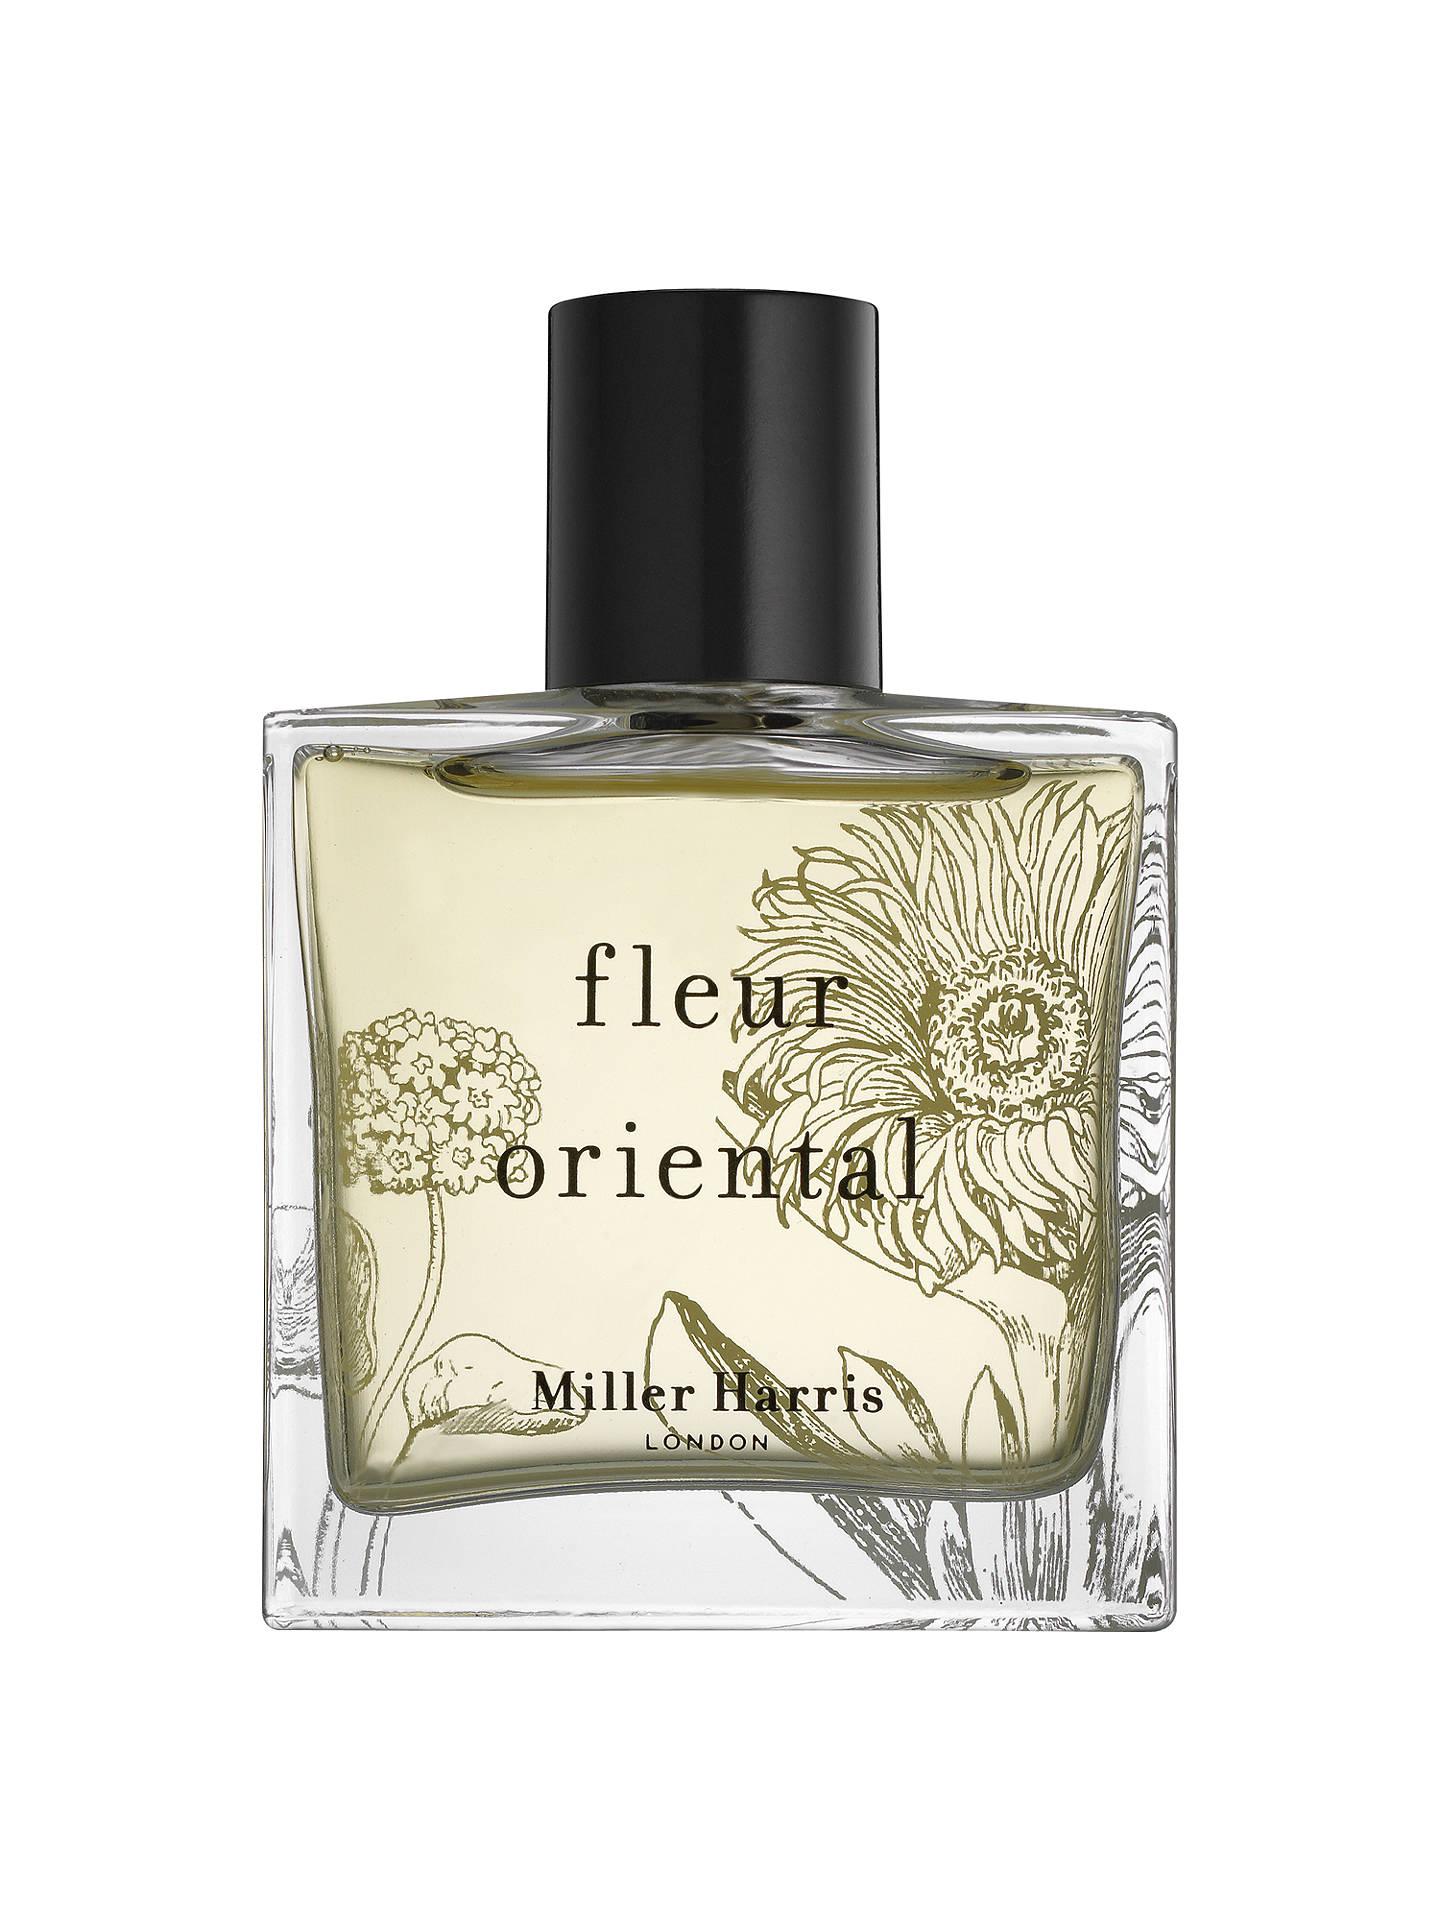 Miller Harris Fleur Oriental Eau De Parfum At John Lewis Partners